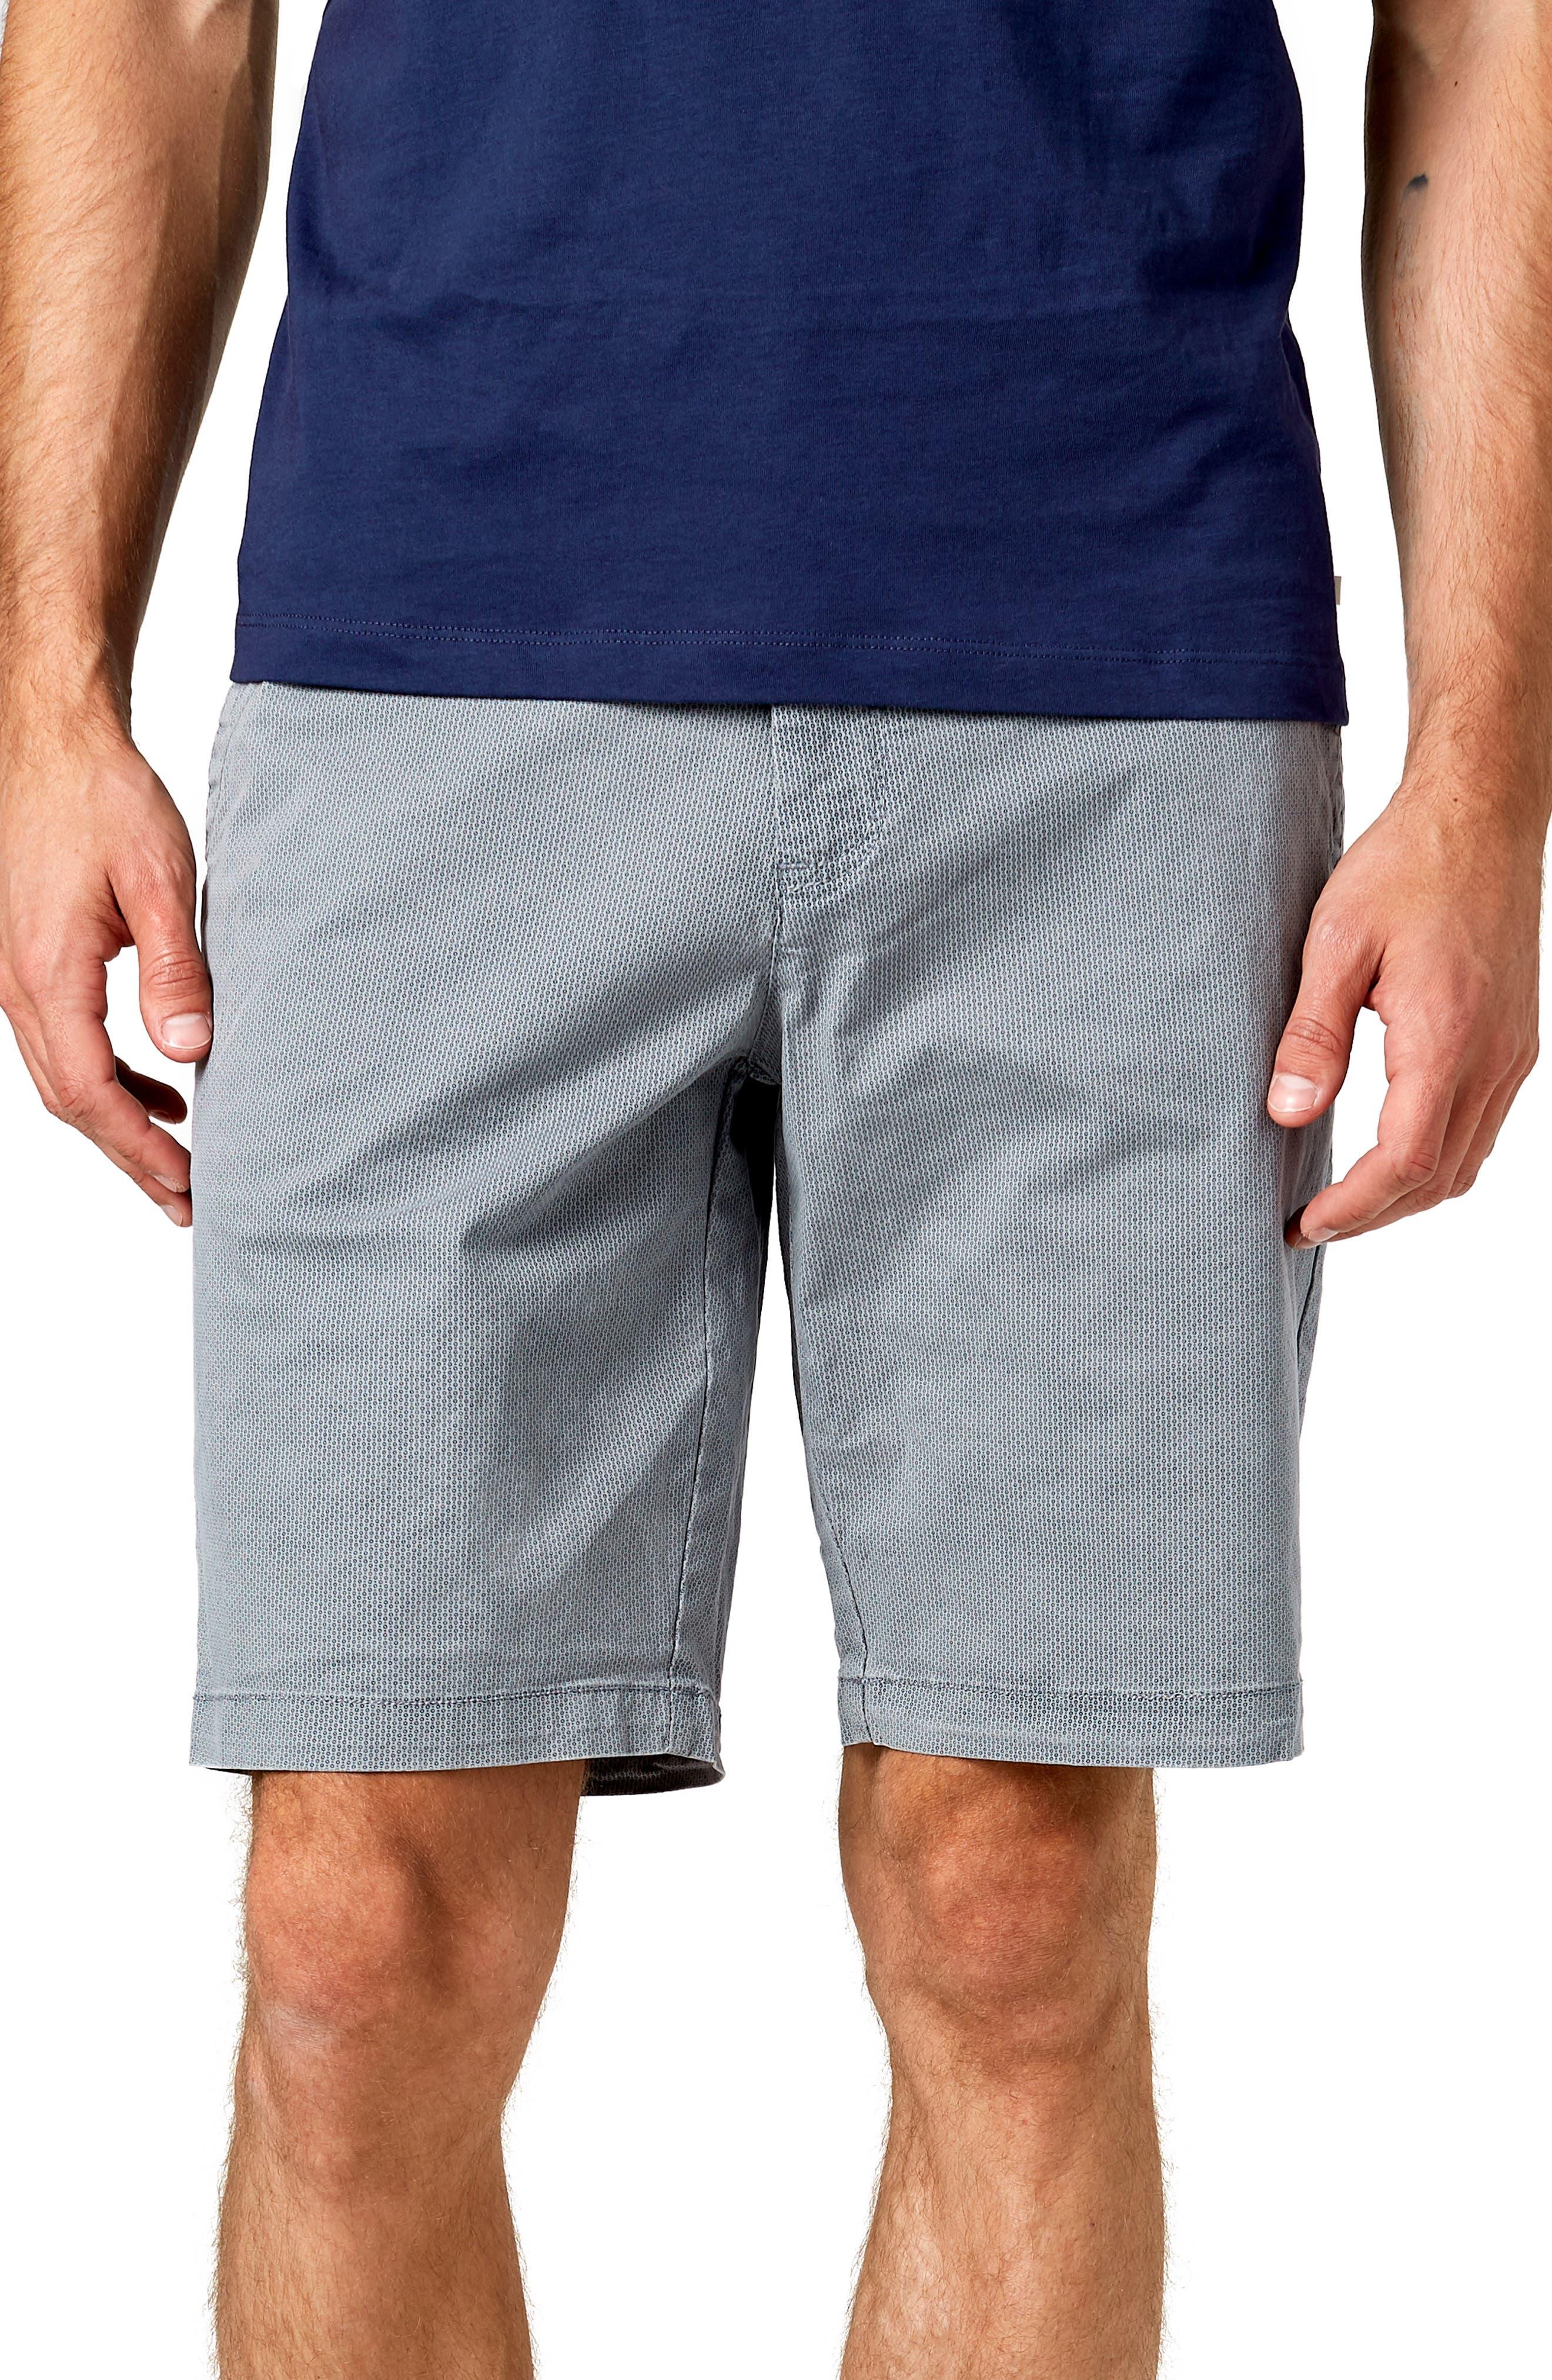 Acceleration Print Shorts,                         Main,                         color, GREY